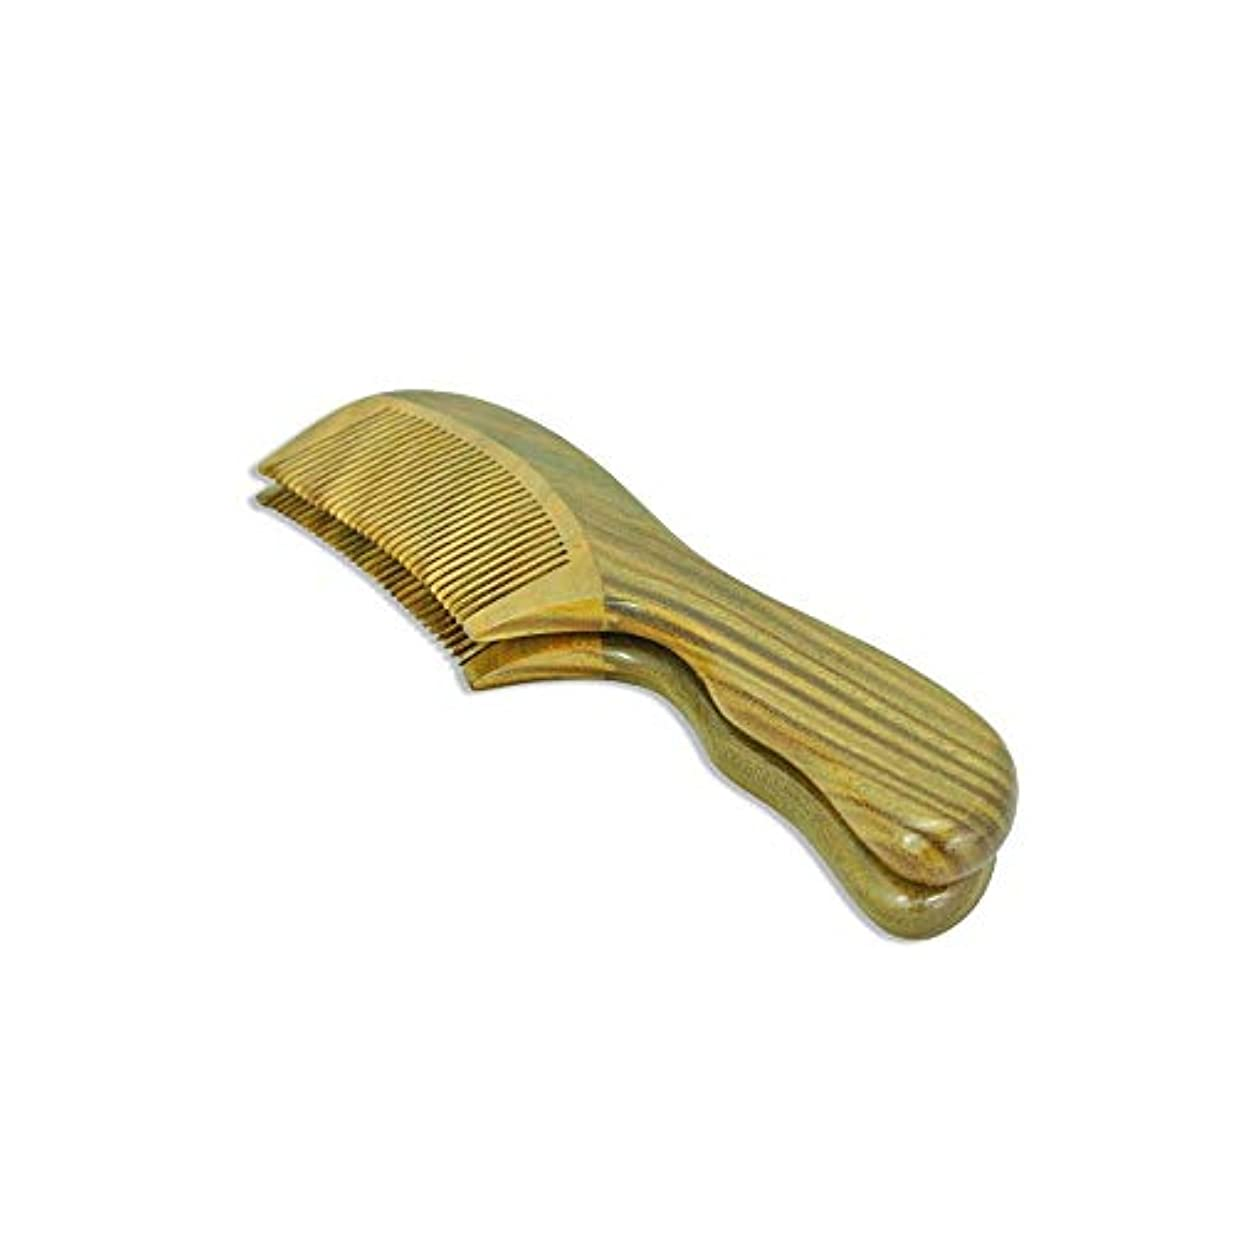 ライナー千強いFashian木製くしナチュラルグリーンサンダルウッド櫛アンチスタティック、あごヒゲ木製くし ヘアケア